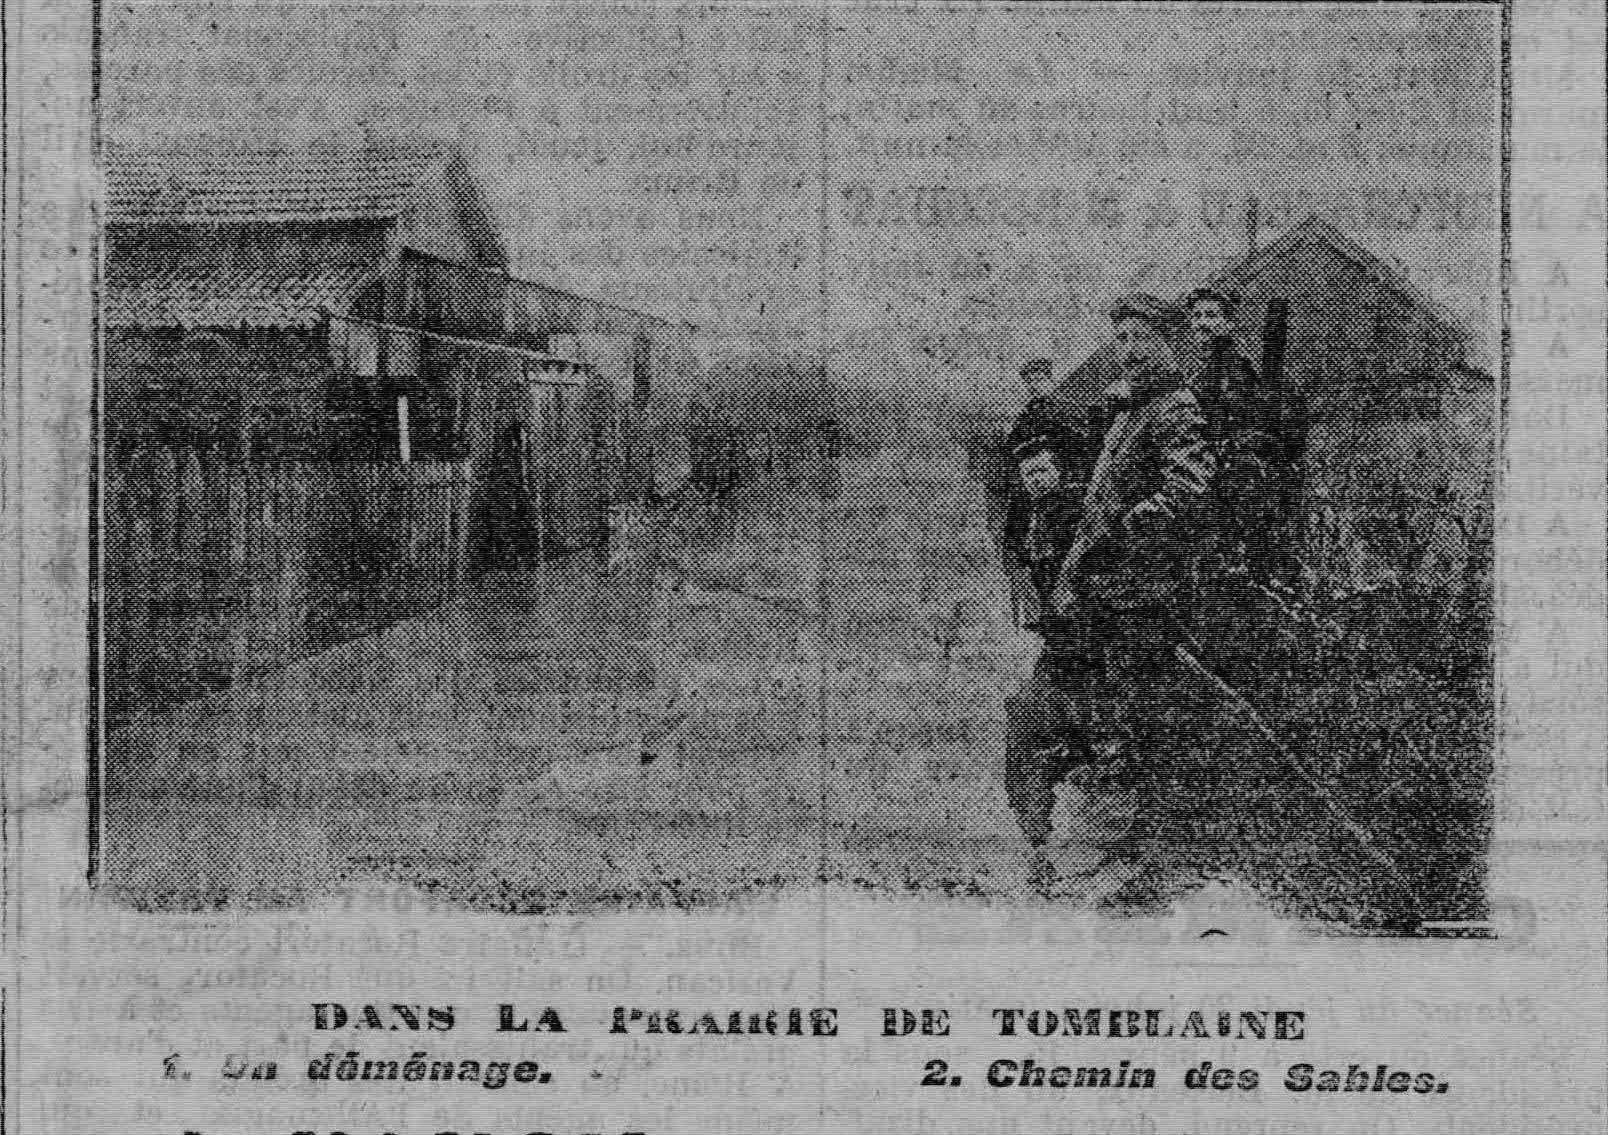 Contenu du L'Est Républicain, 21 Janvier 1910